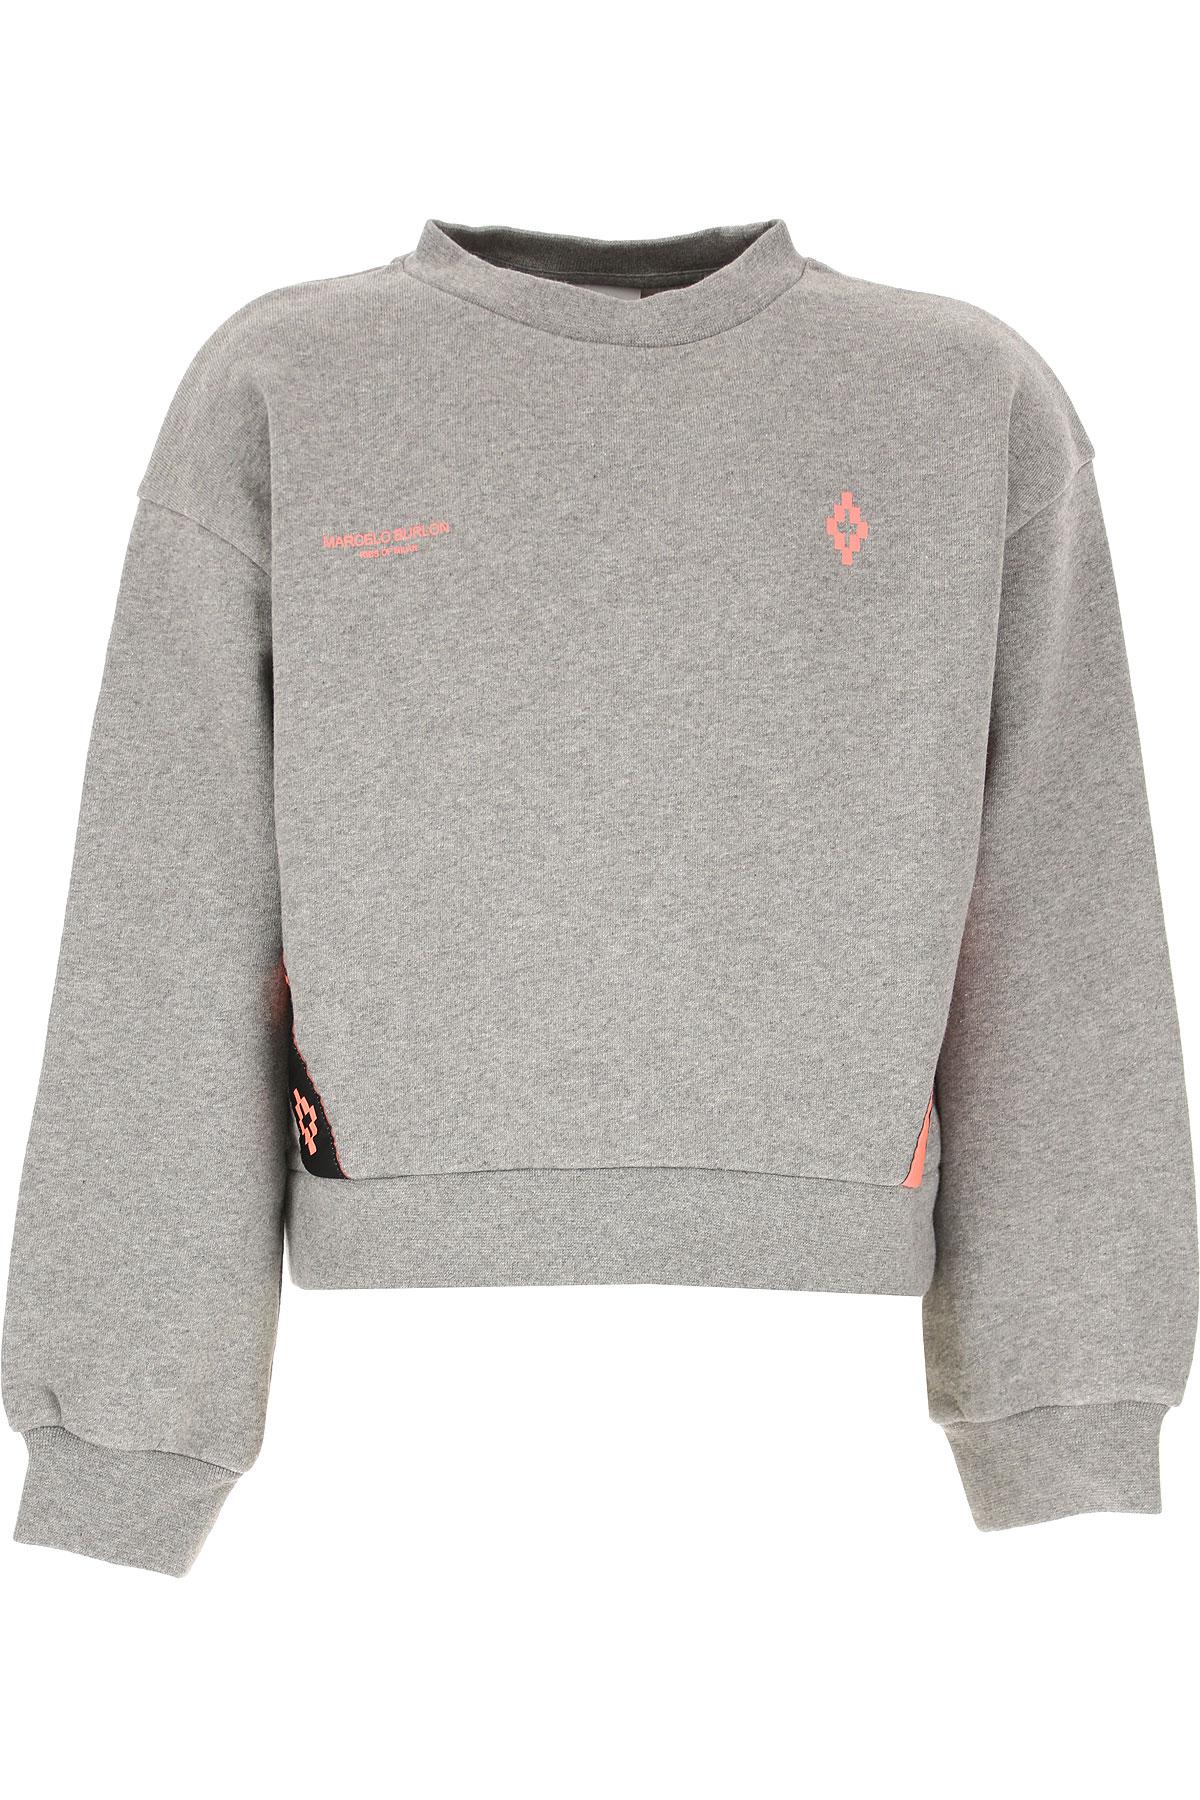 Marcelo Burlon Kids Sweatshirts & Hoodies for Girls On Sale, Grey, Cotton, 2019, 10Y 12Y 14Y 8Y